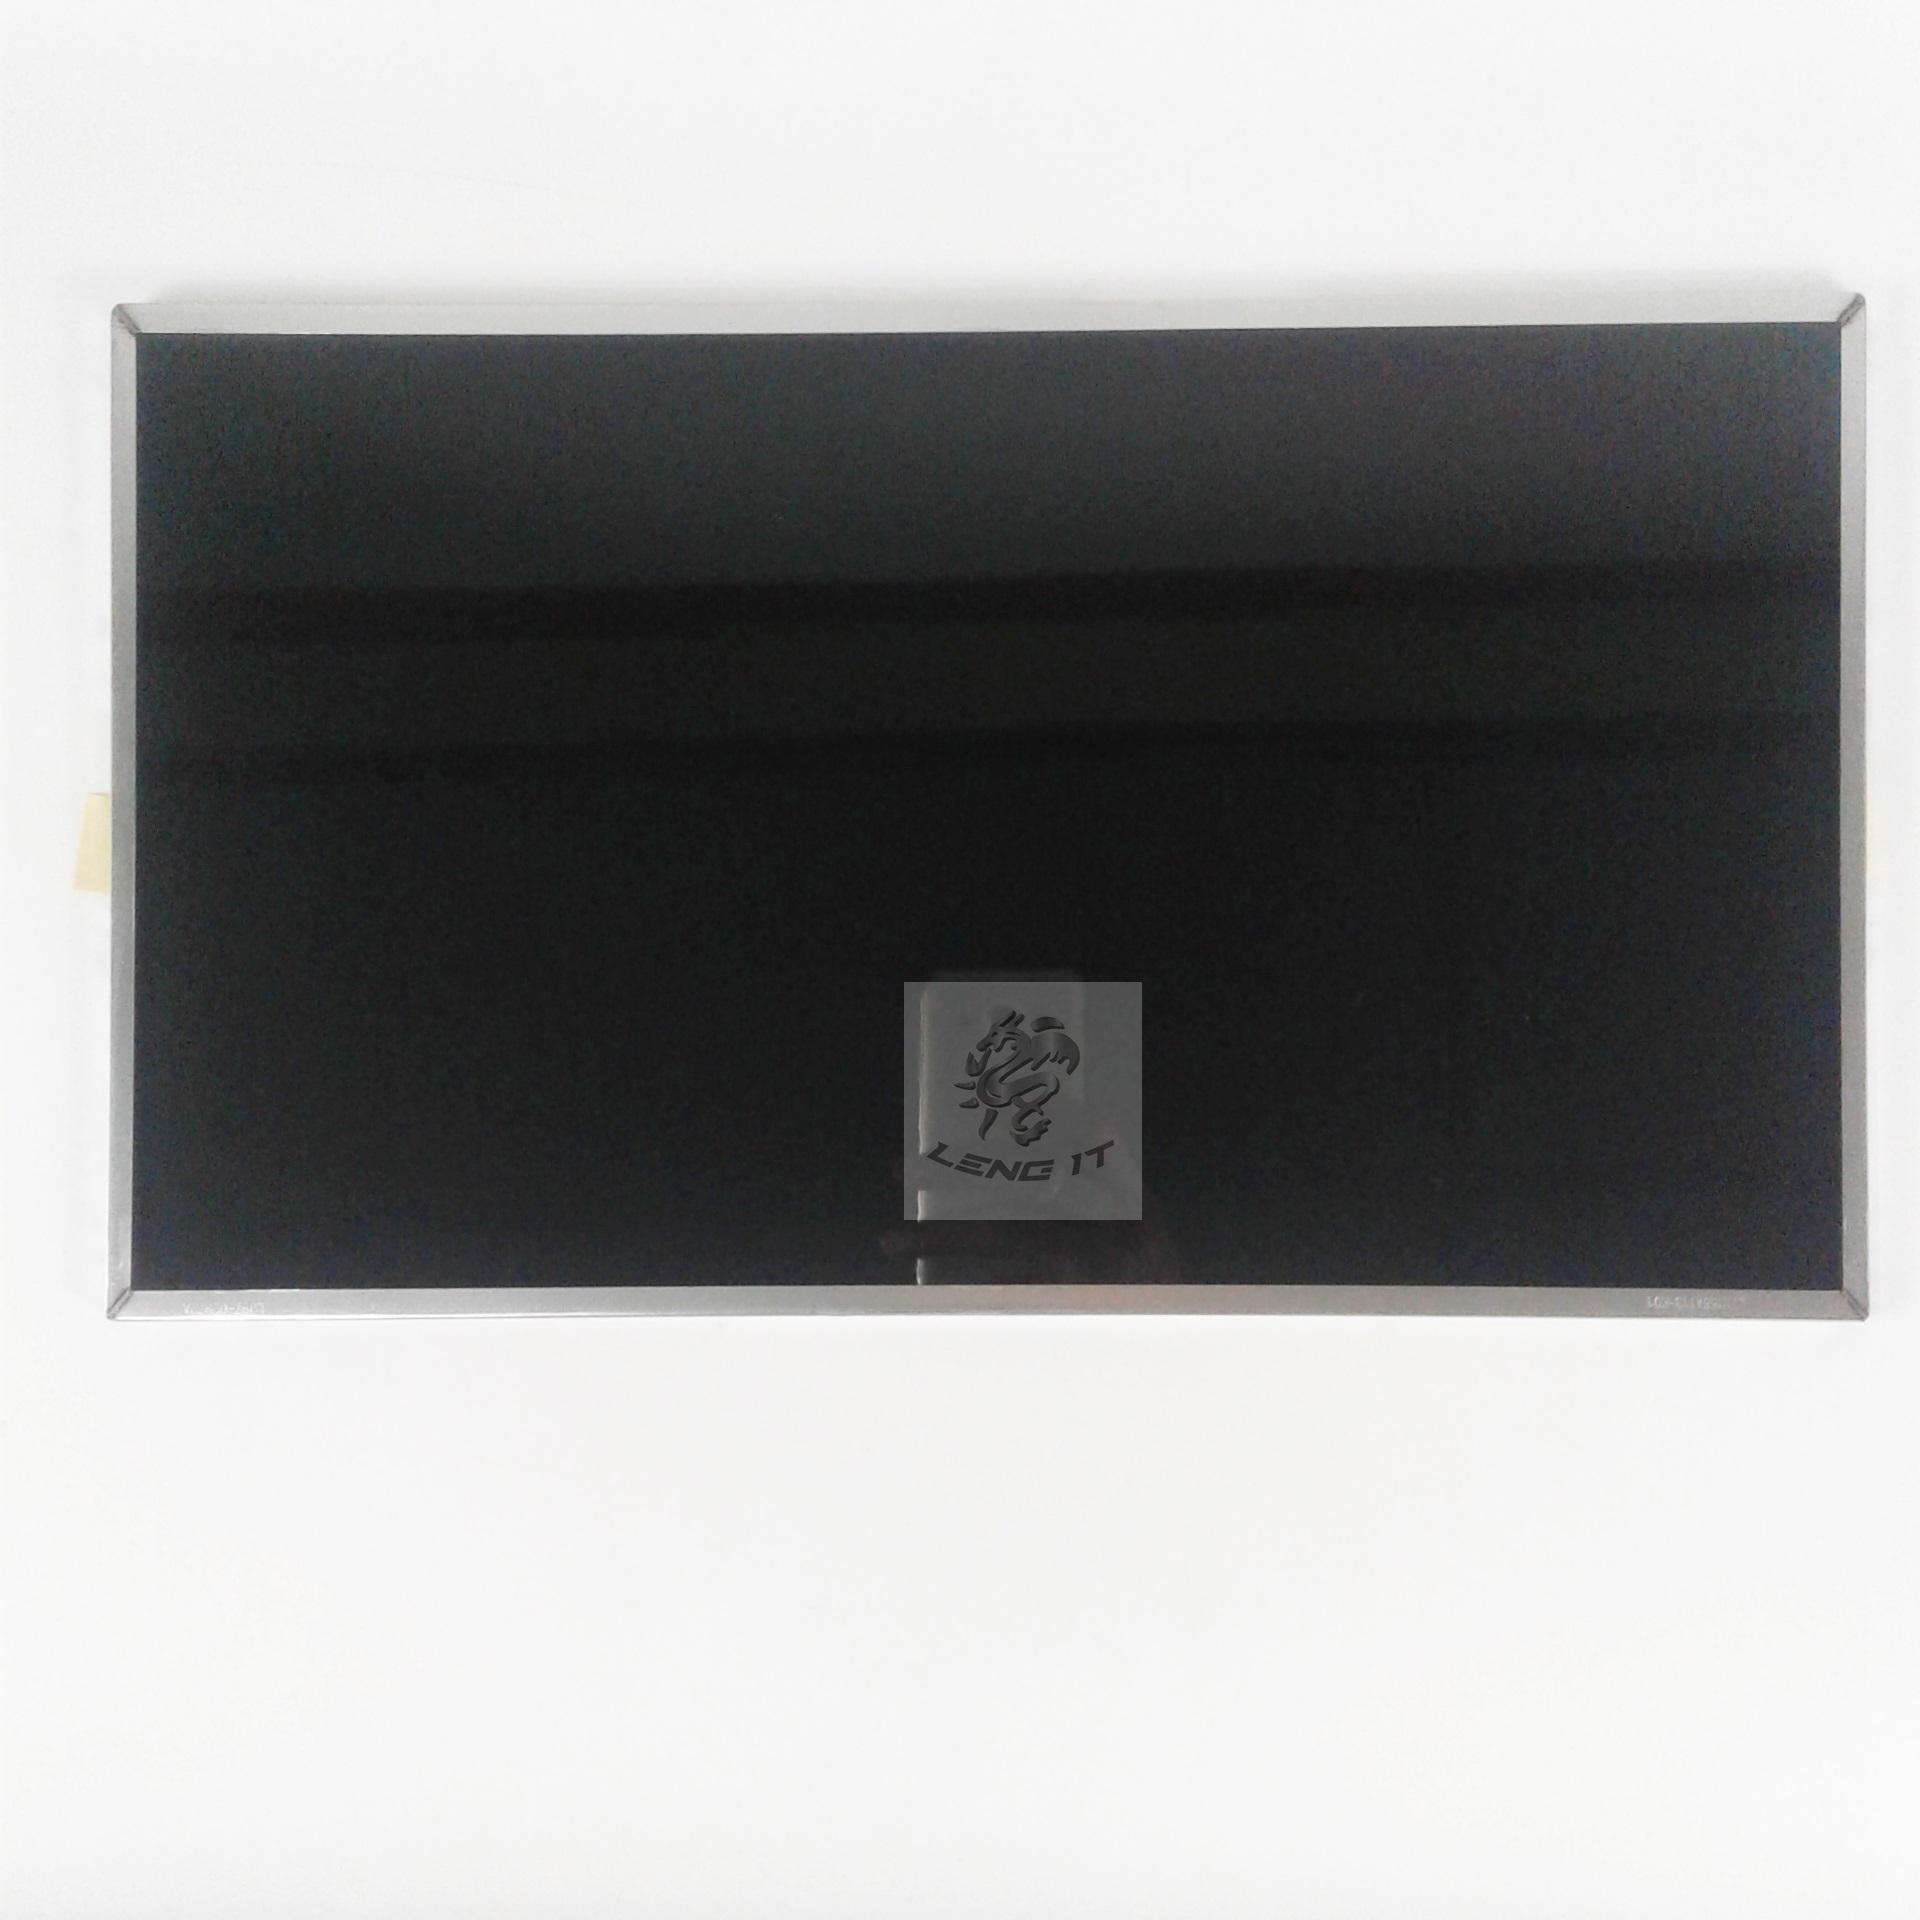 จอ15.6 LED-40 PIN